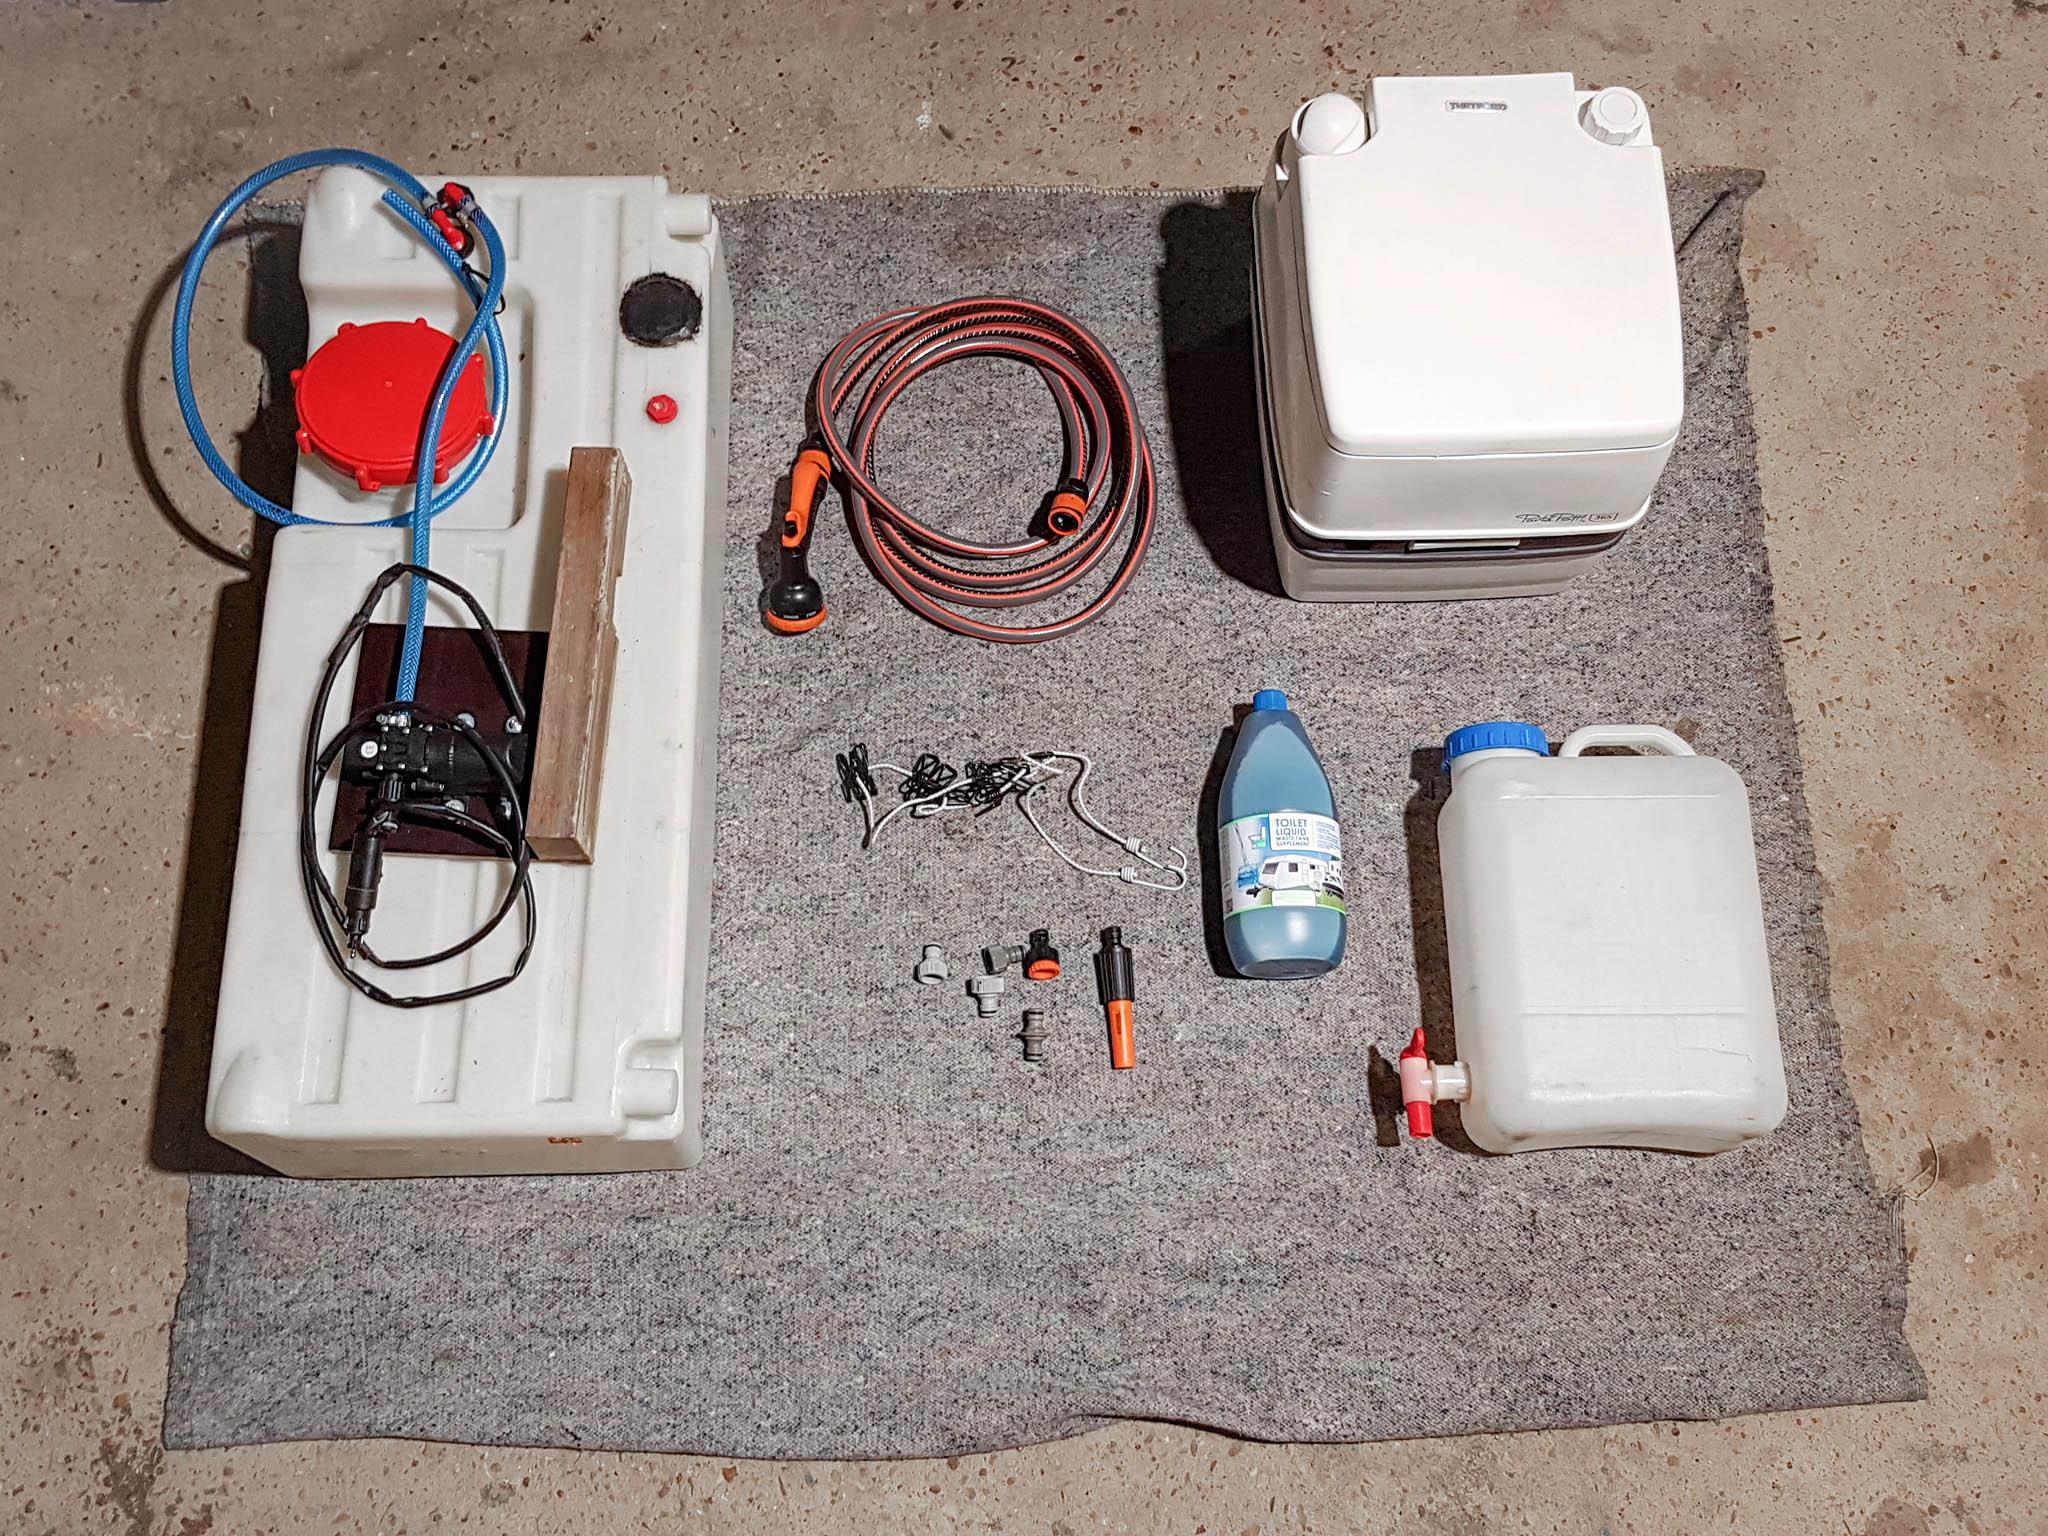 Dachzelt Packliste: Nicht jeder hat Platz für eine Campingtoilette und einen 120-Liter-Wassertank, aber etwas Wasser und Toilettenpapier sollte jeder Dachzeltnomade im Gepäck haben.